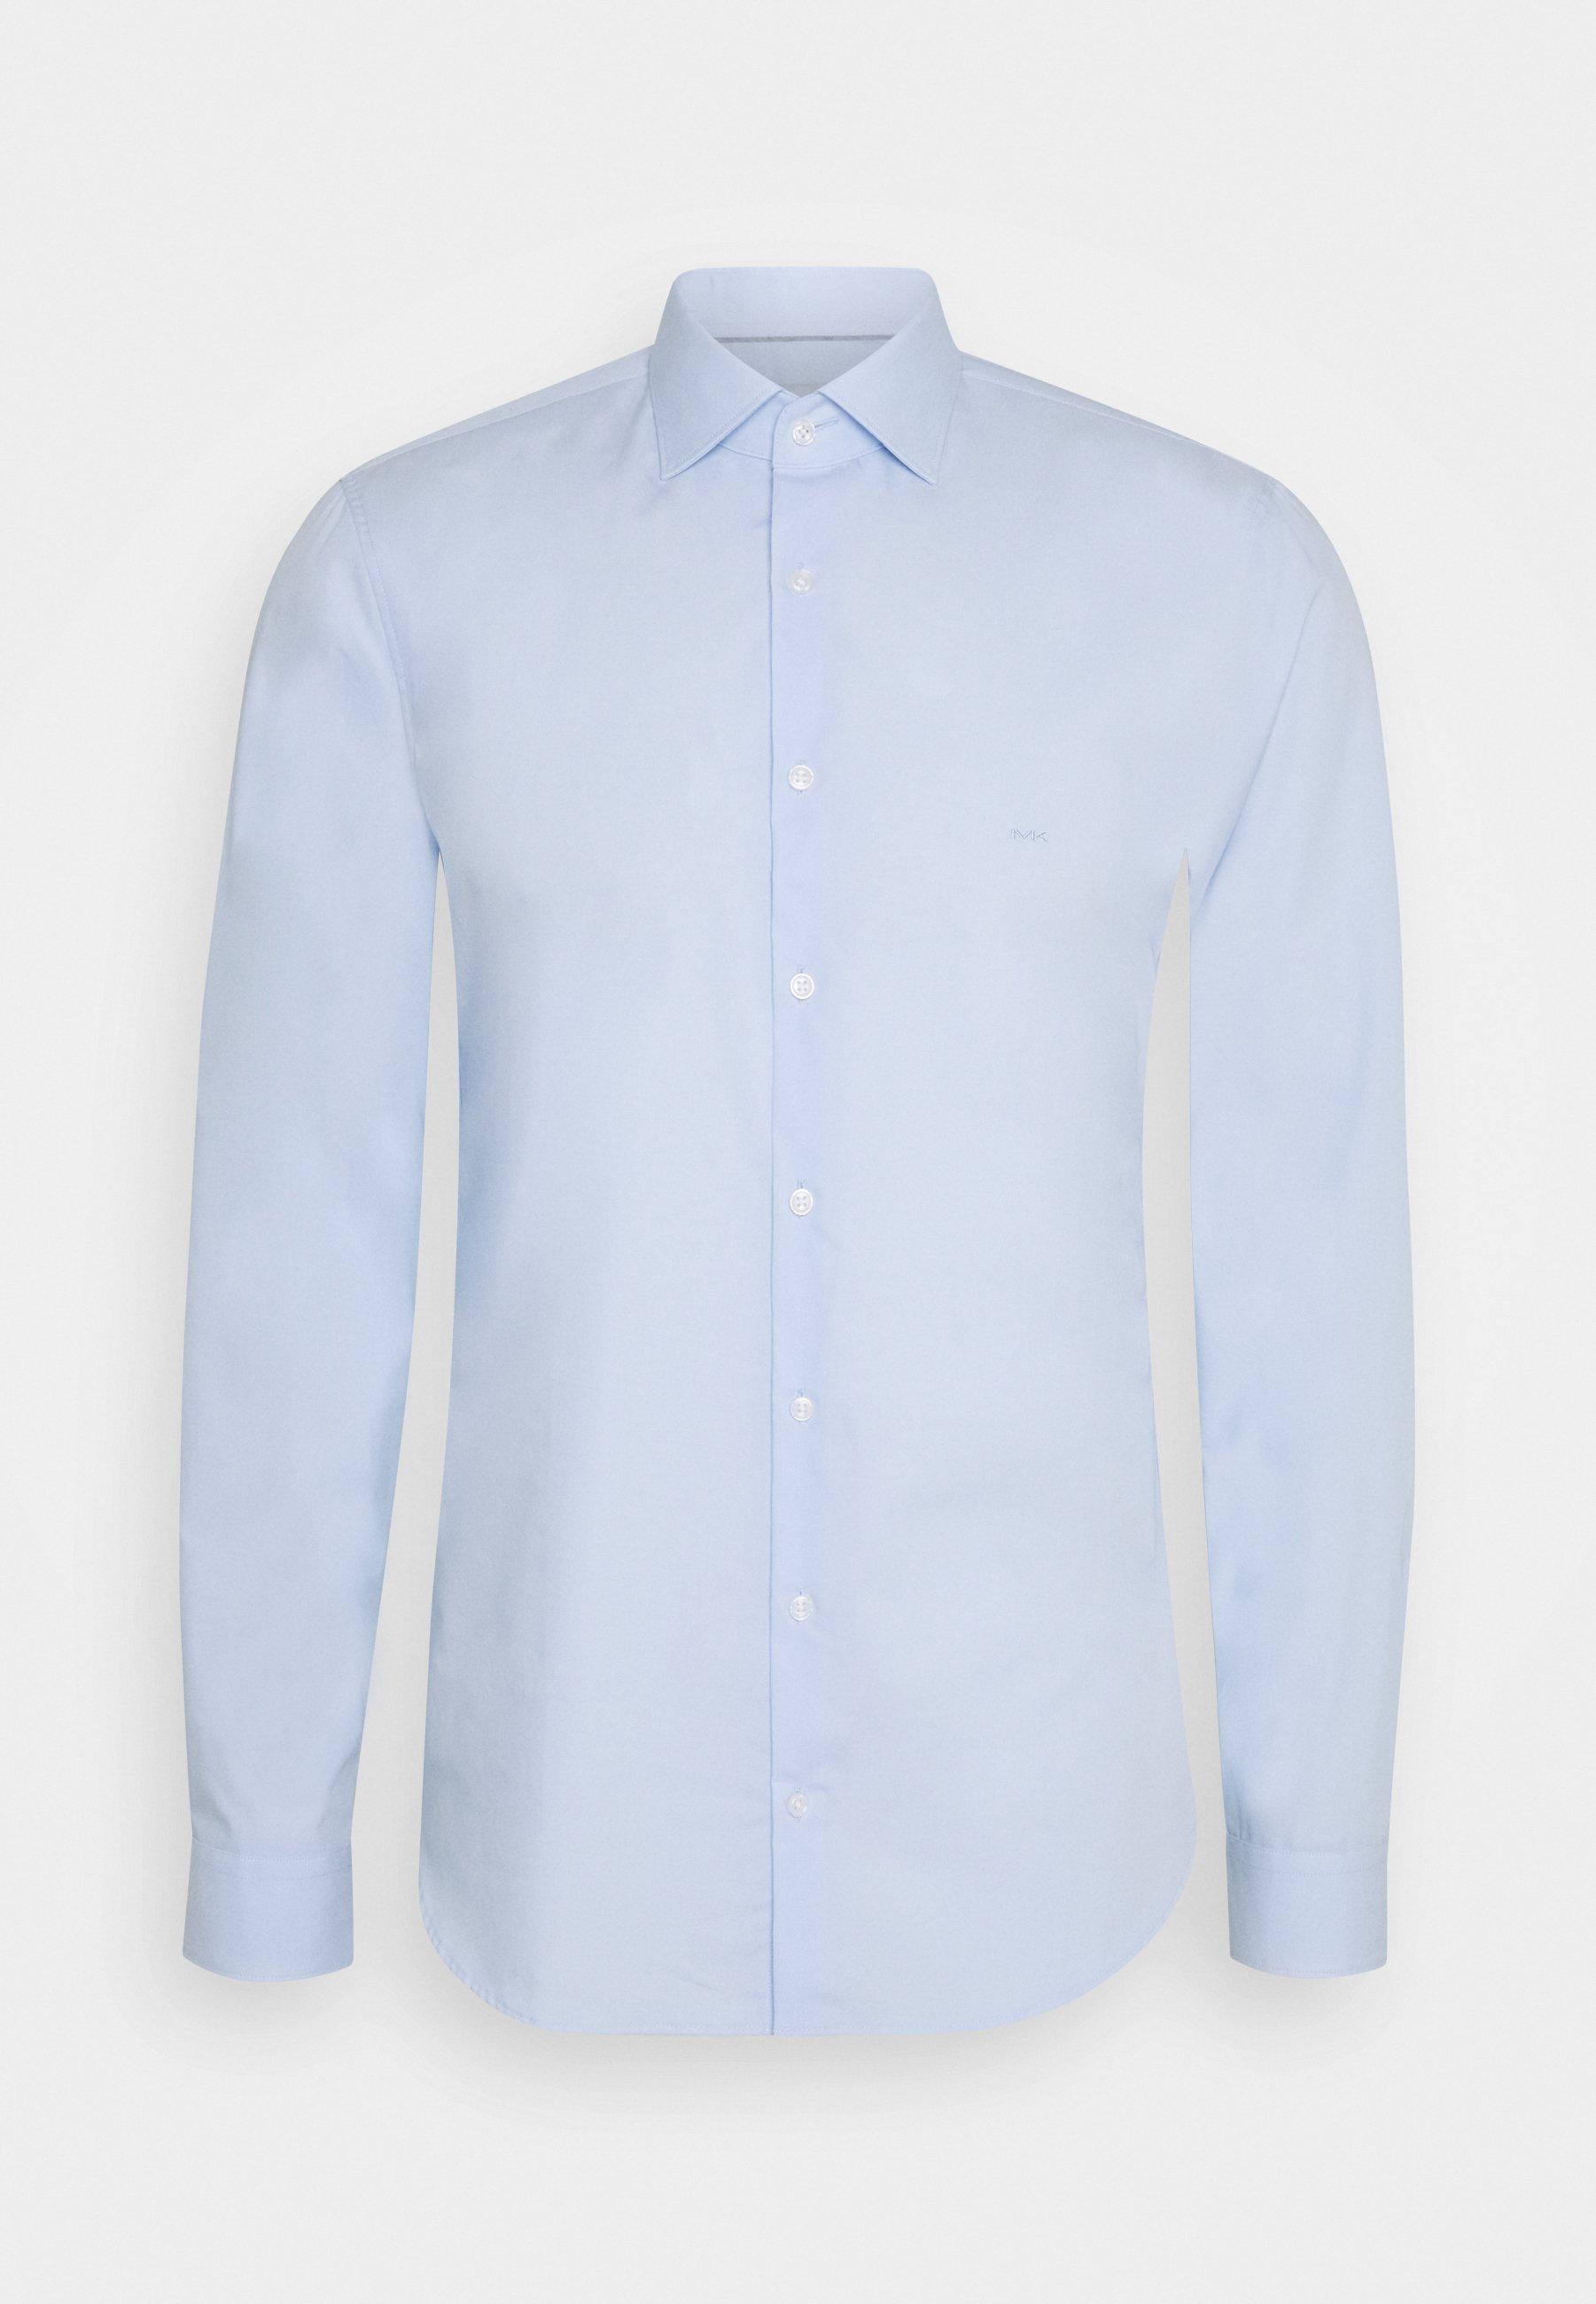 zalando chemise homme xs